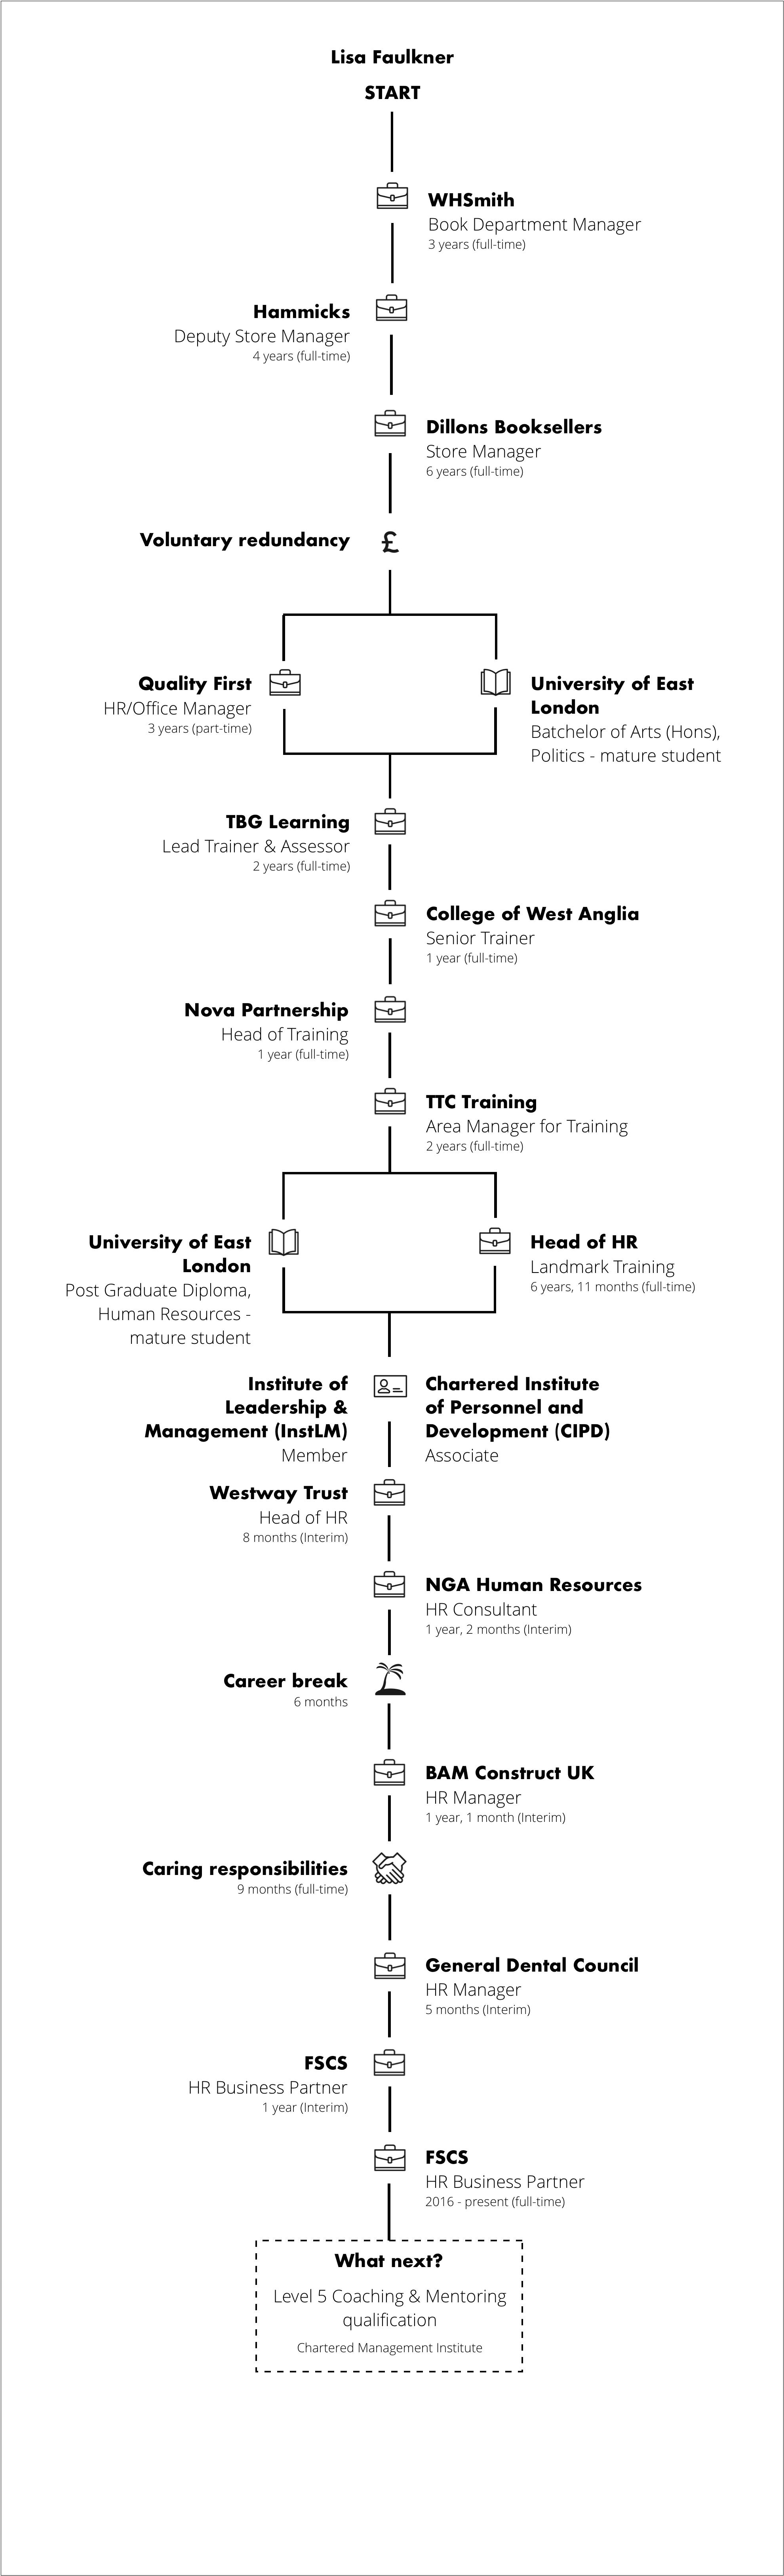 FSCS-renengade-generation-career-journey-map-lisa-faulkner.png